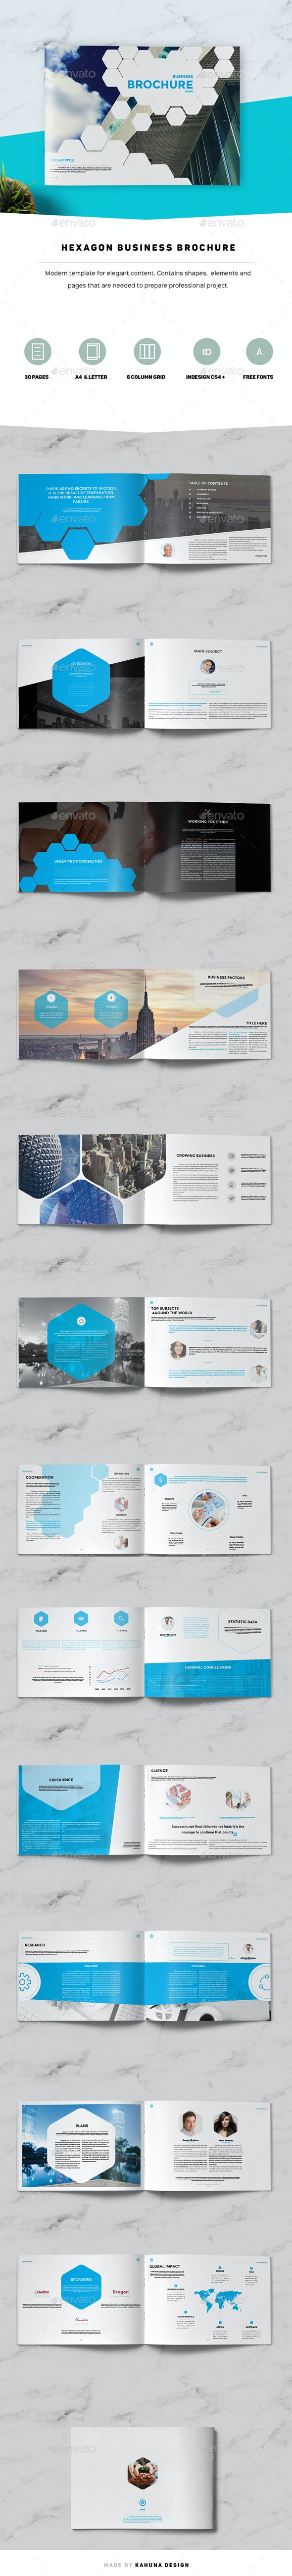 Hexagon Business Brochure - Corporate Brochures